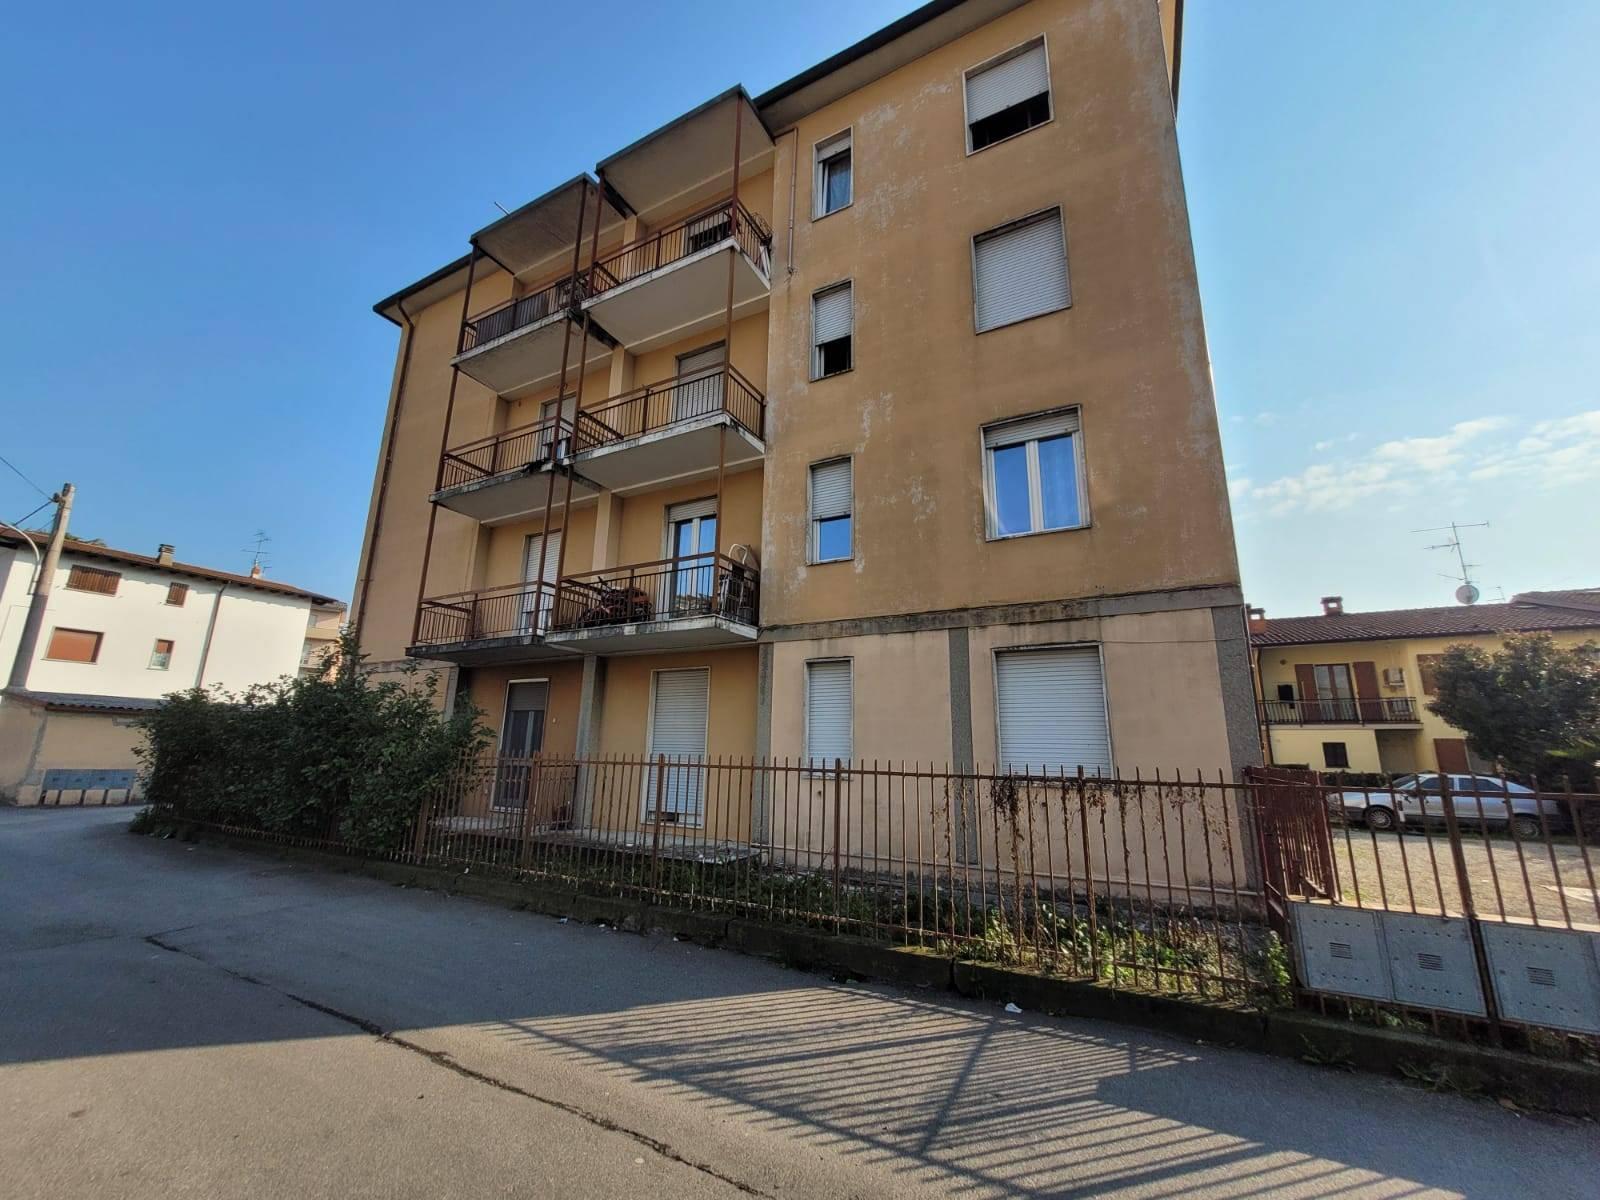 Appartamento in vendita a Villongo, 3 locali, prezzo € 75.000 | PortaleAgenzieImmobiliari.it